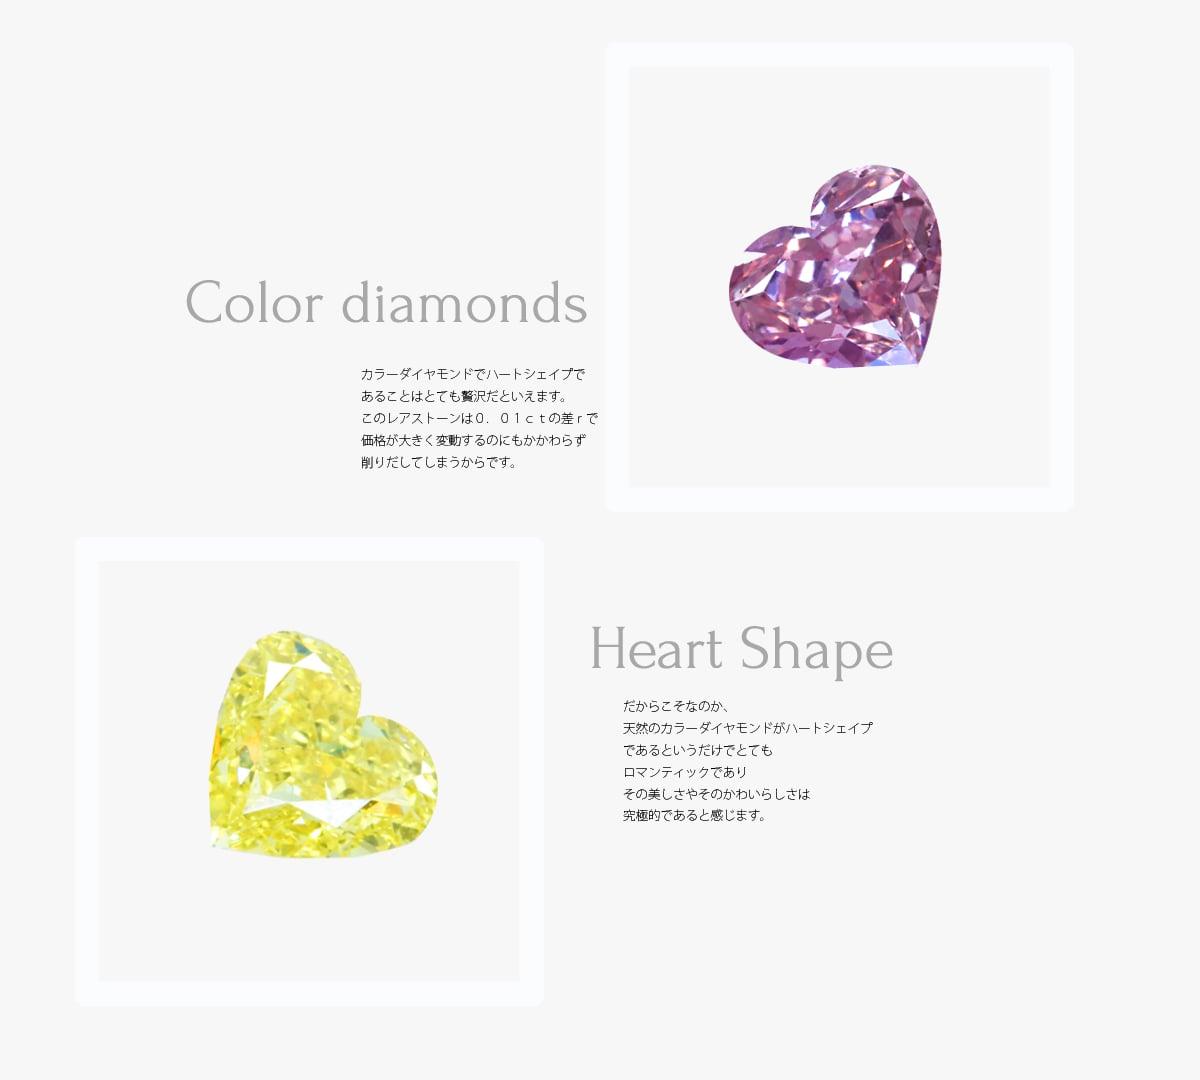 カラーダイヤモンド ピンクダイヤモンド